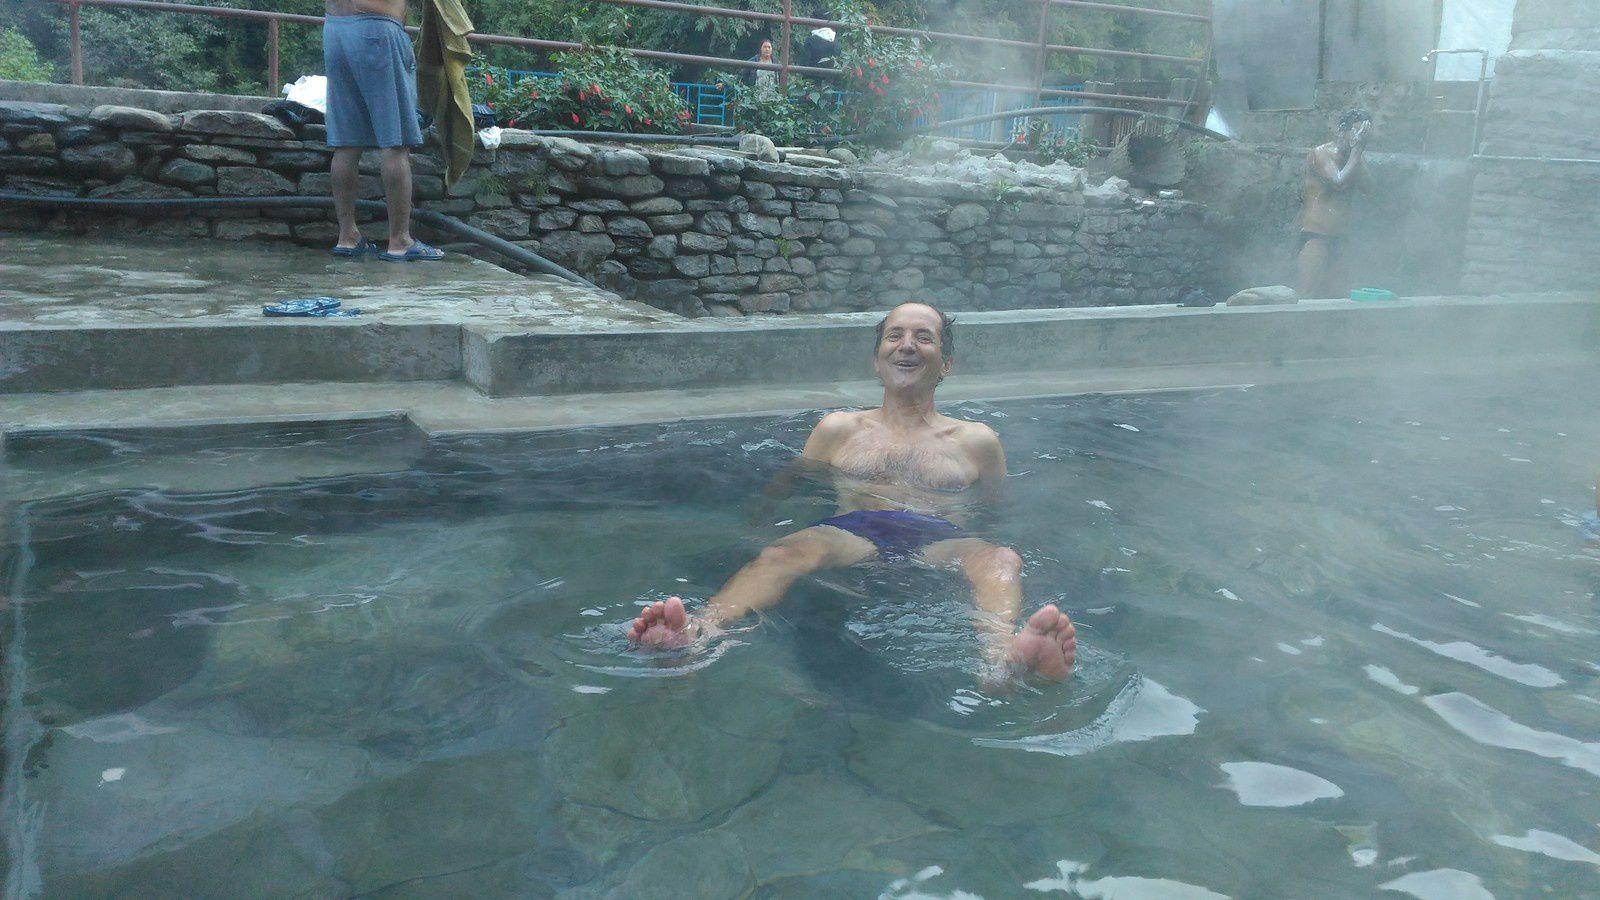 Tatopani et ses hots springs : quel délice pour les pieds après une journée de 50 kilomètres !